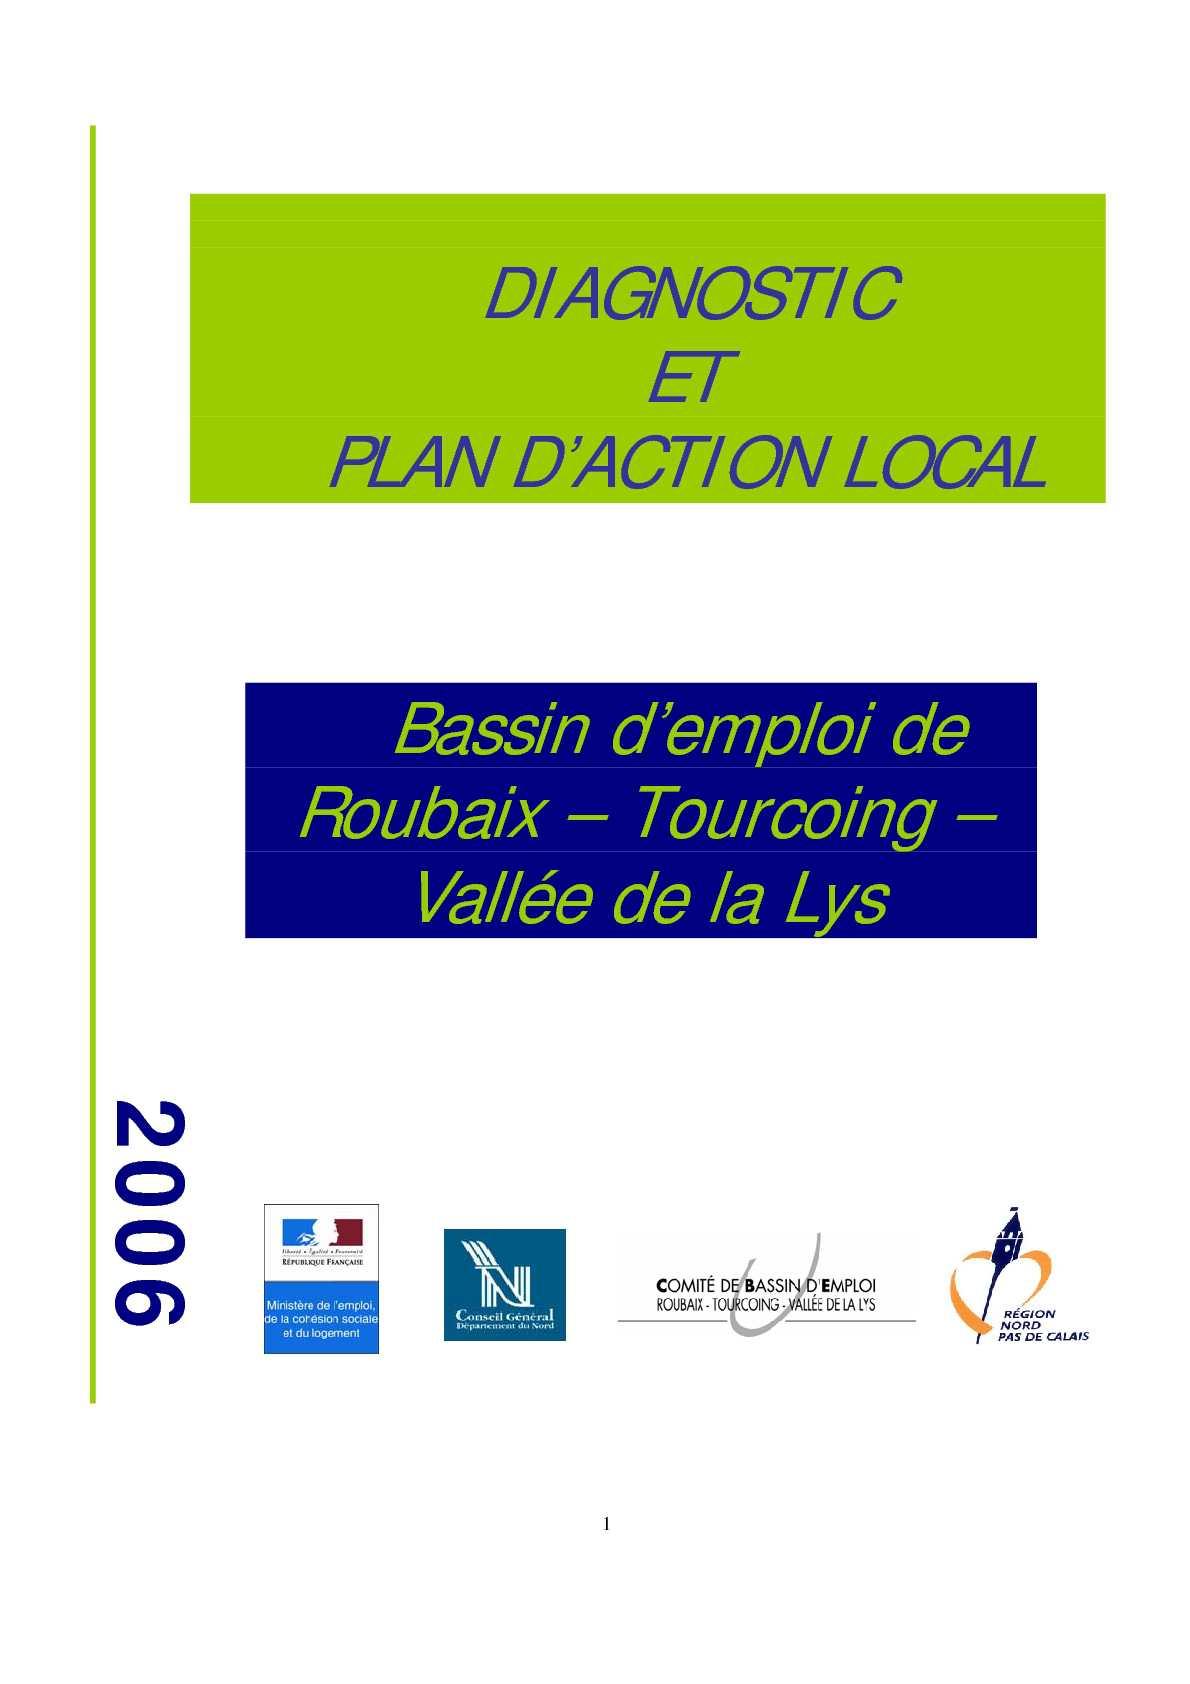 Calam o diagnostic plan d 39 actions local bassin d 39 emloi roubaix tourcoing et vall e de la lys - Terrassement bassin d arcachon tourcoing ...